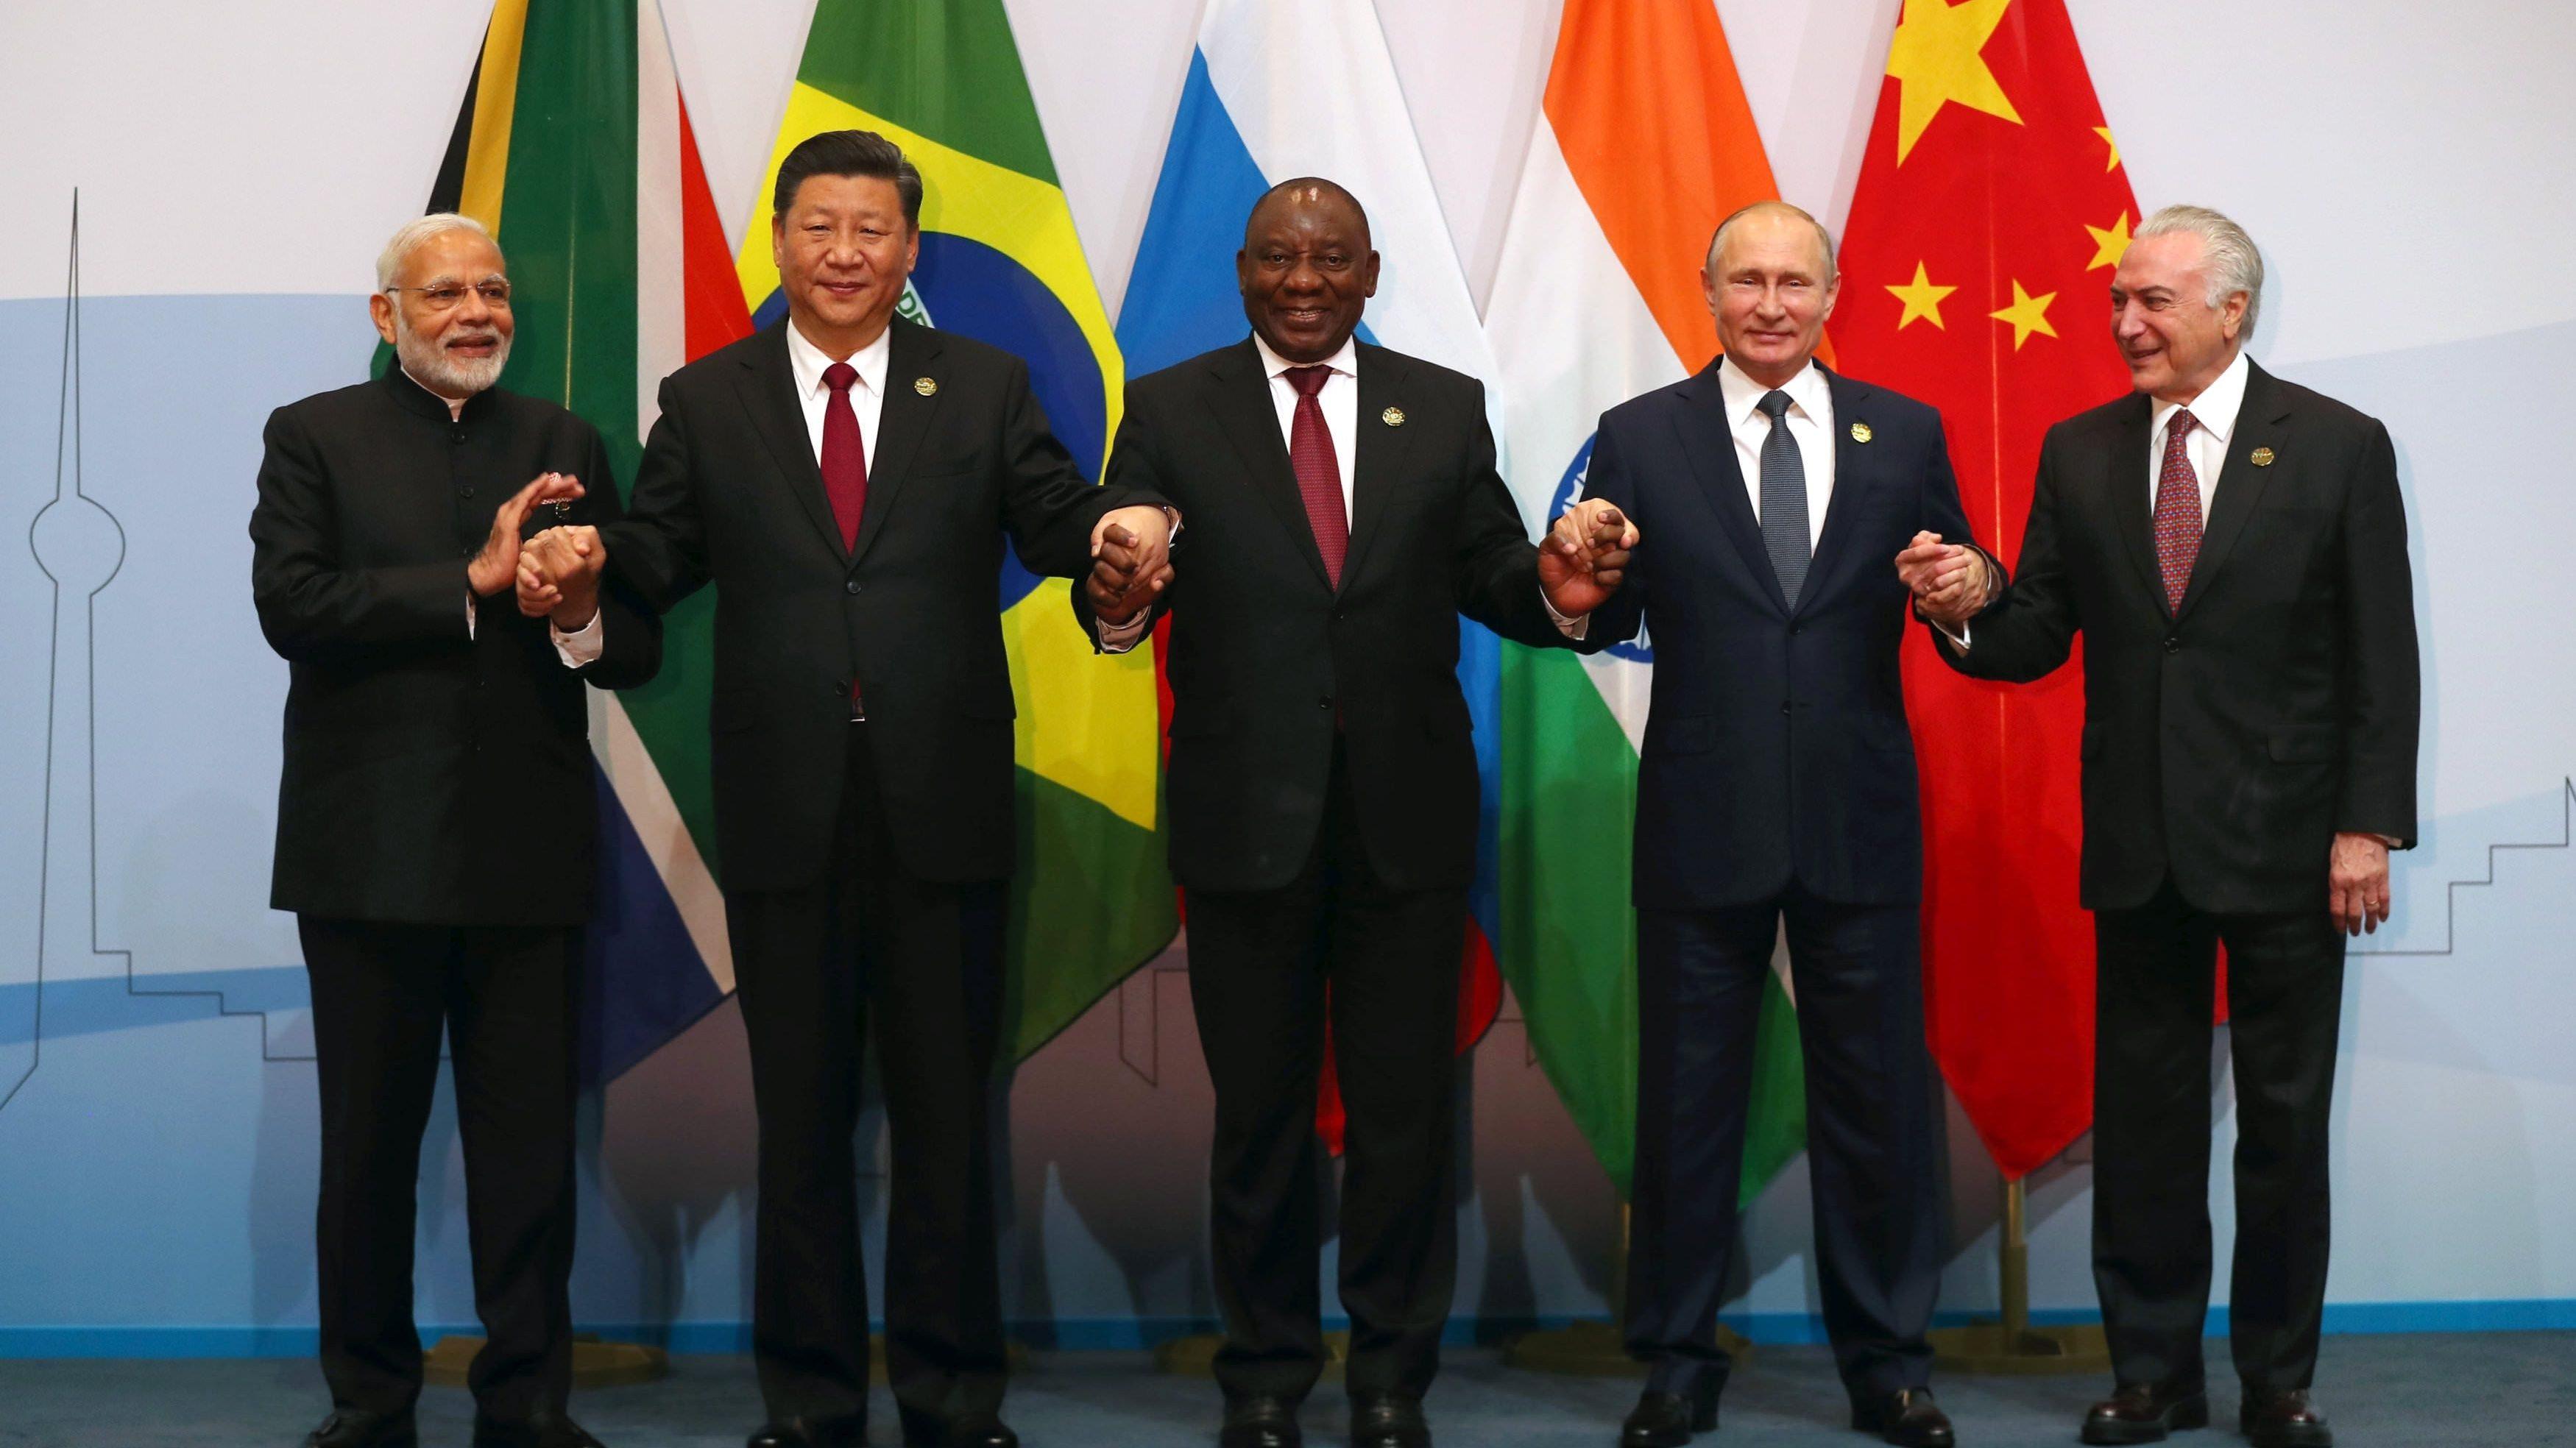 Declaración final de la reunión de ministros del grupo BRICS